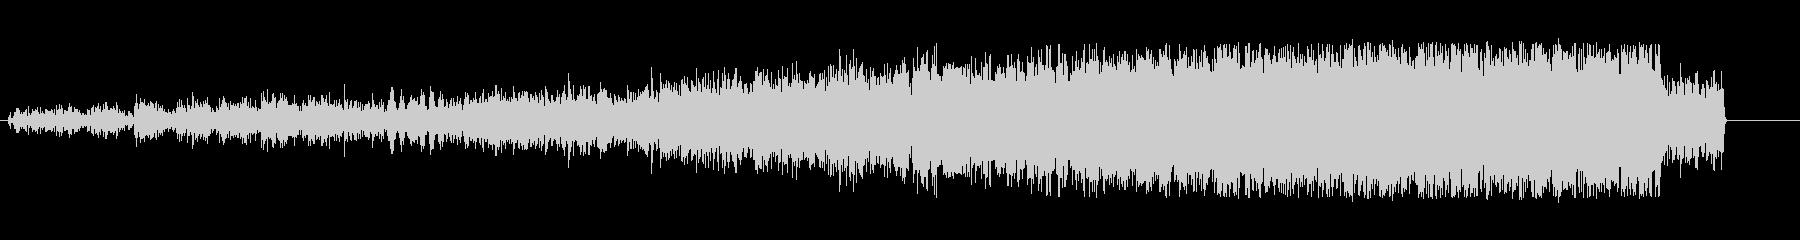 上昇 テープマシンノイズスピンアップ04の未再生の波形